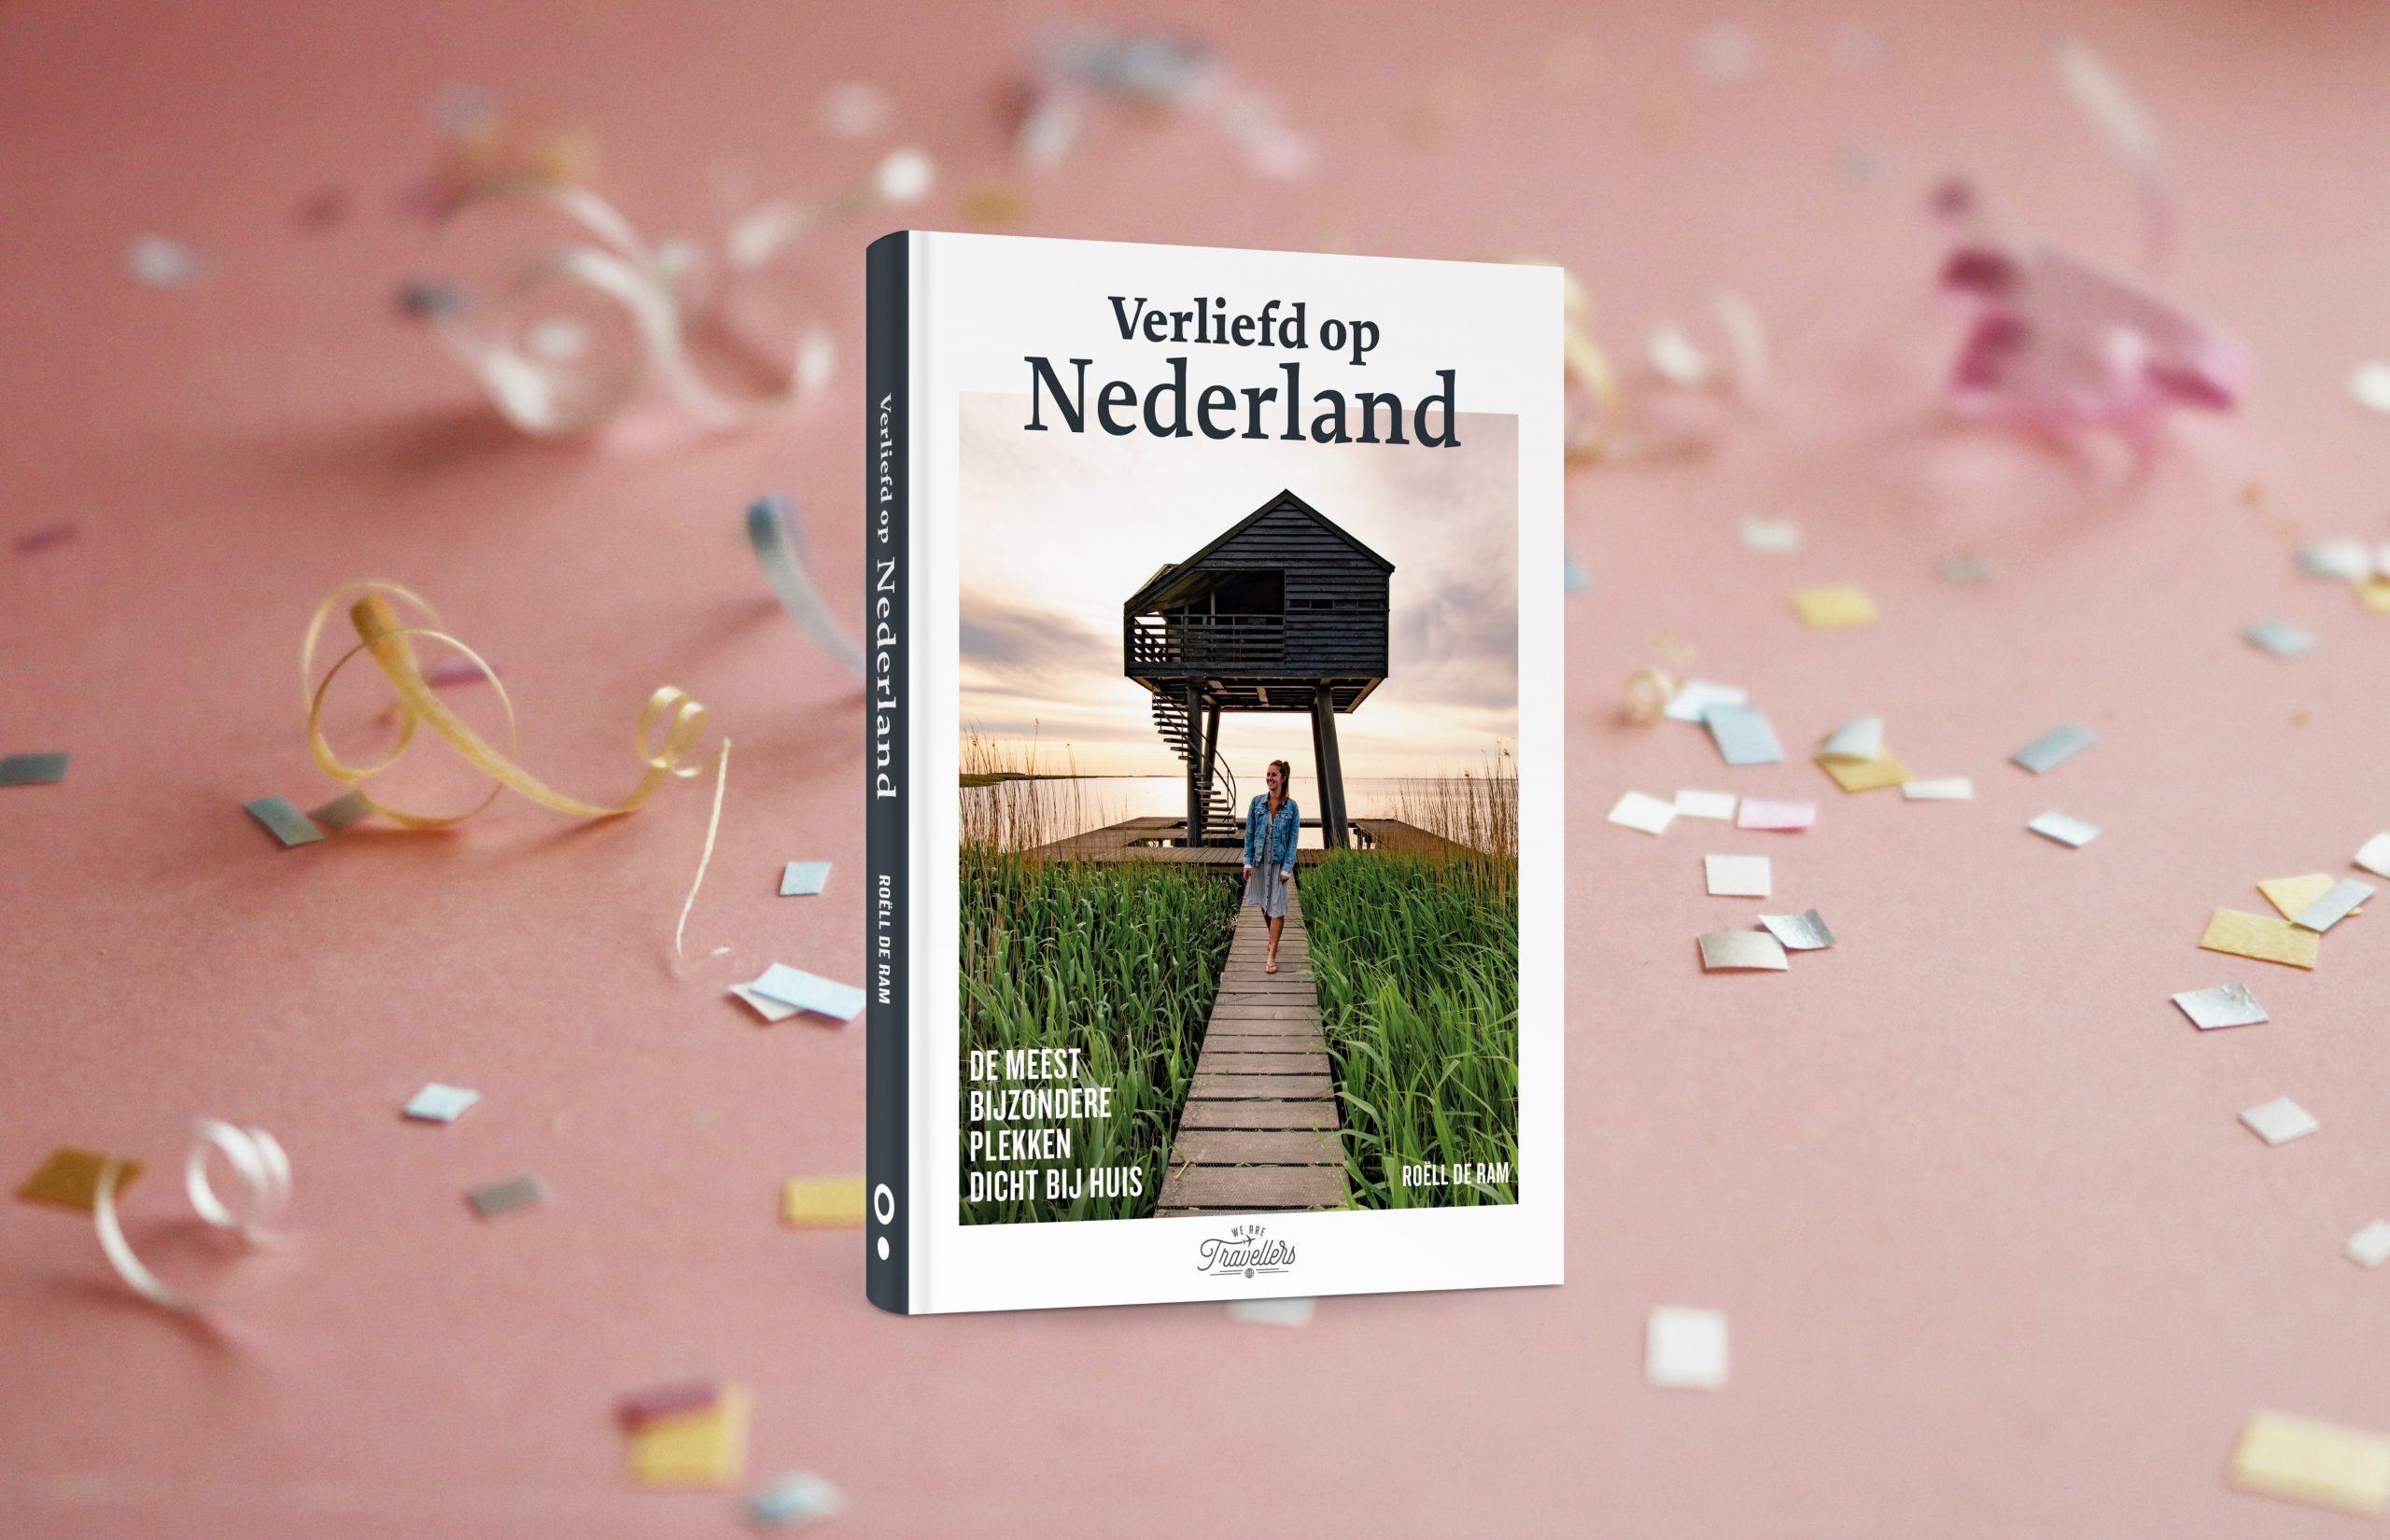 mega winactie verliefd op nederland